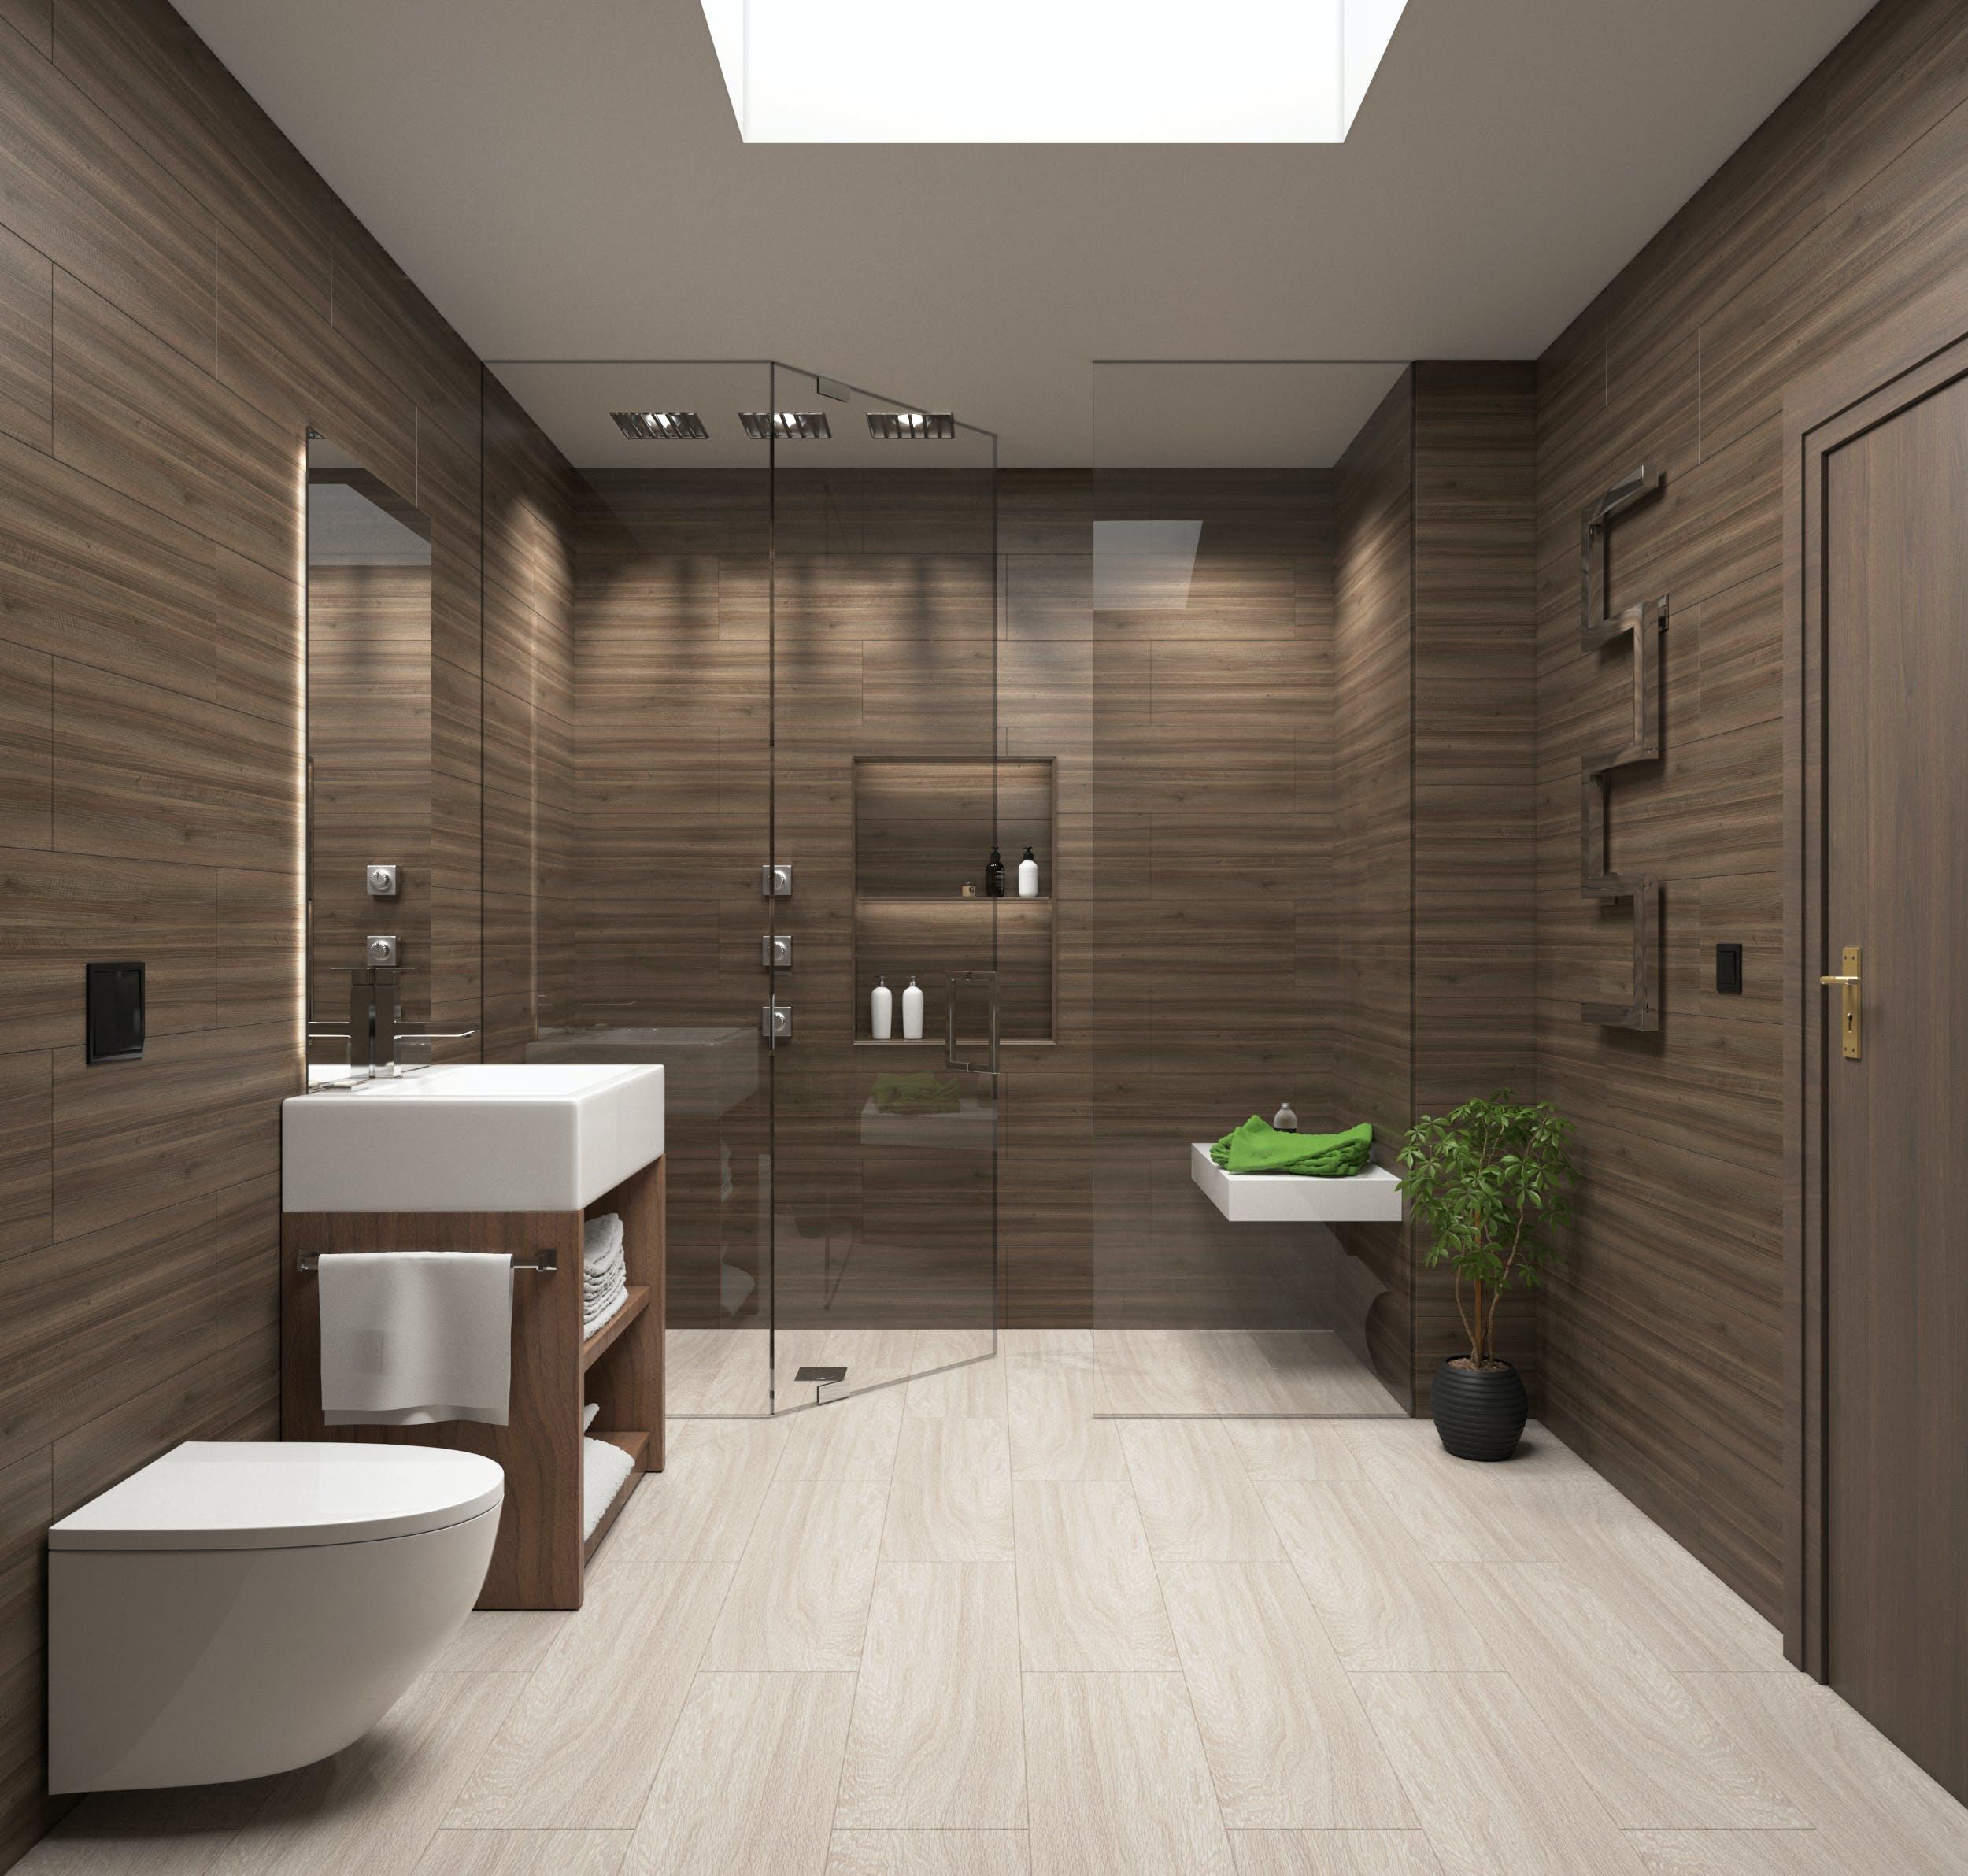 Free stock photo of bathroom, virtual, toilet, modern architecture